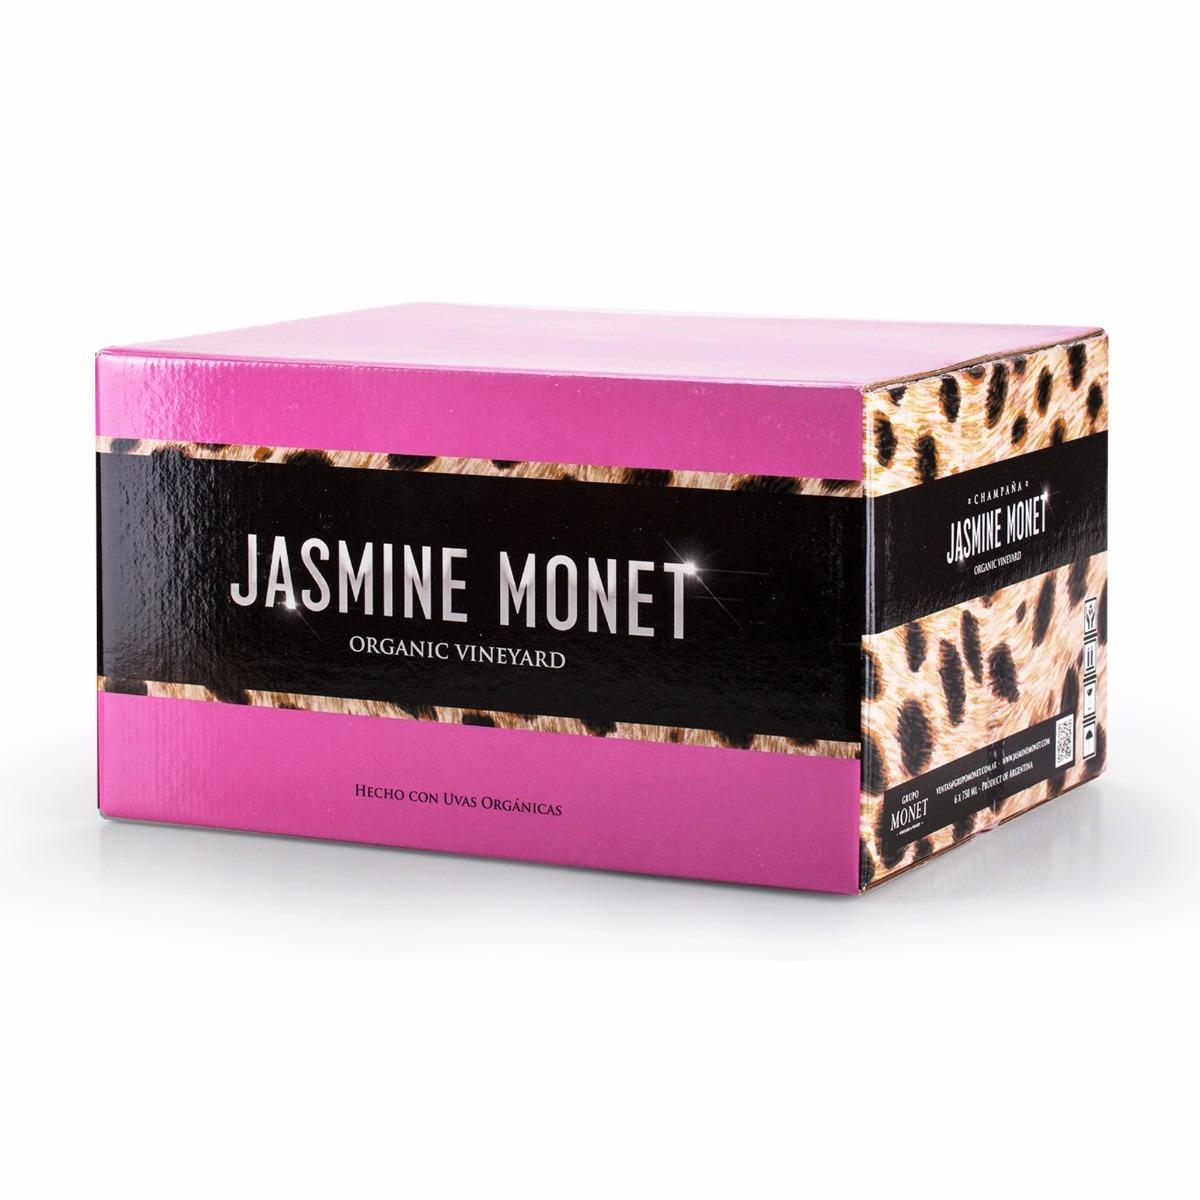 JASMINE MONET - PINK Rosé (caja X 6)